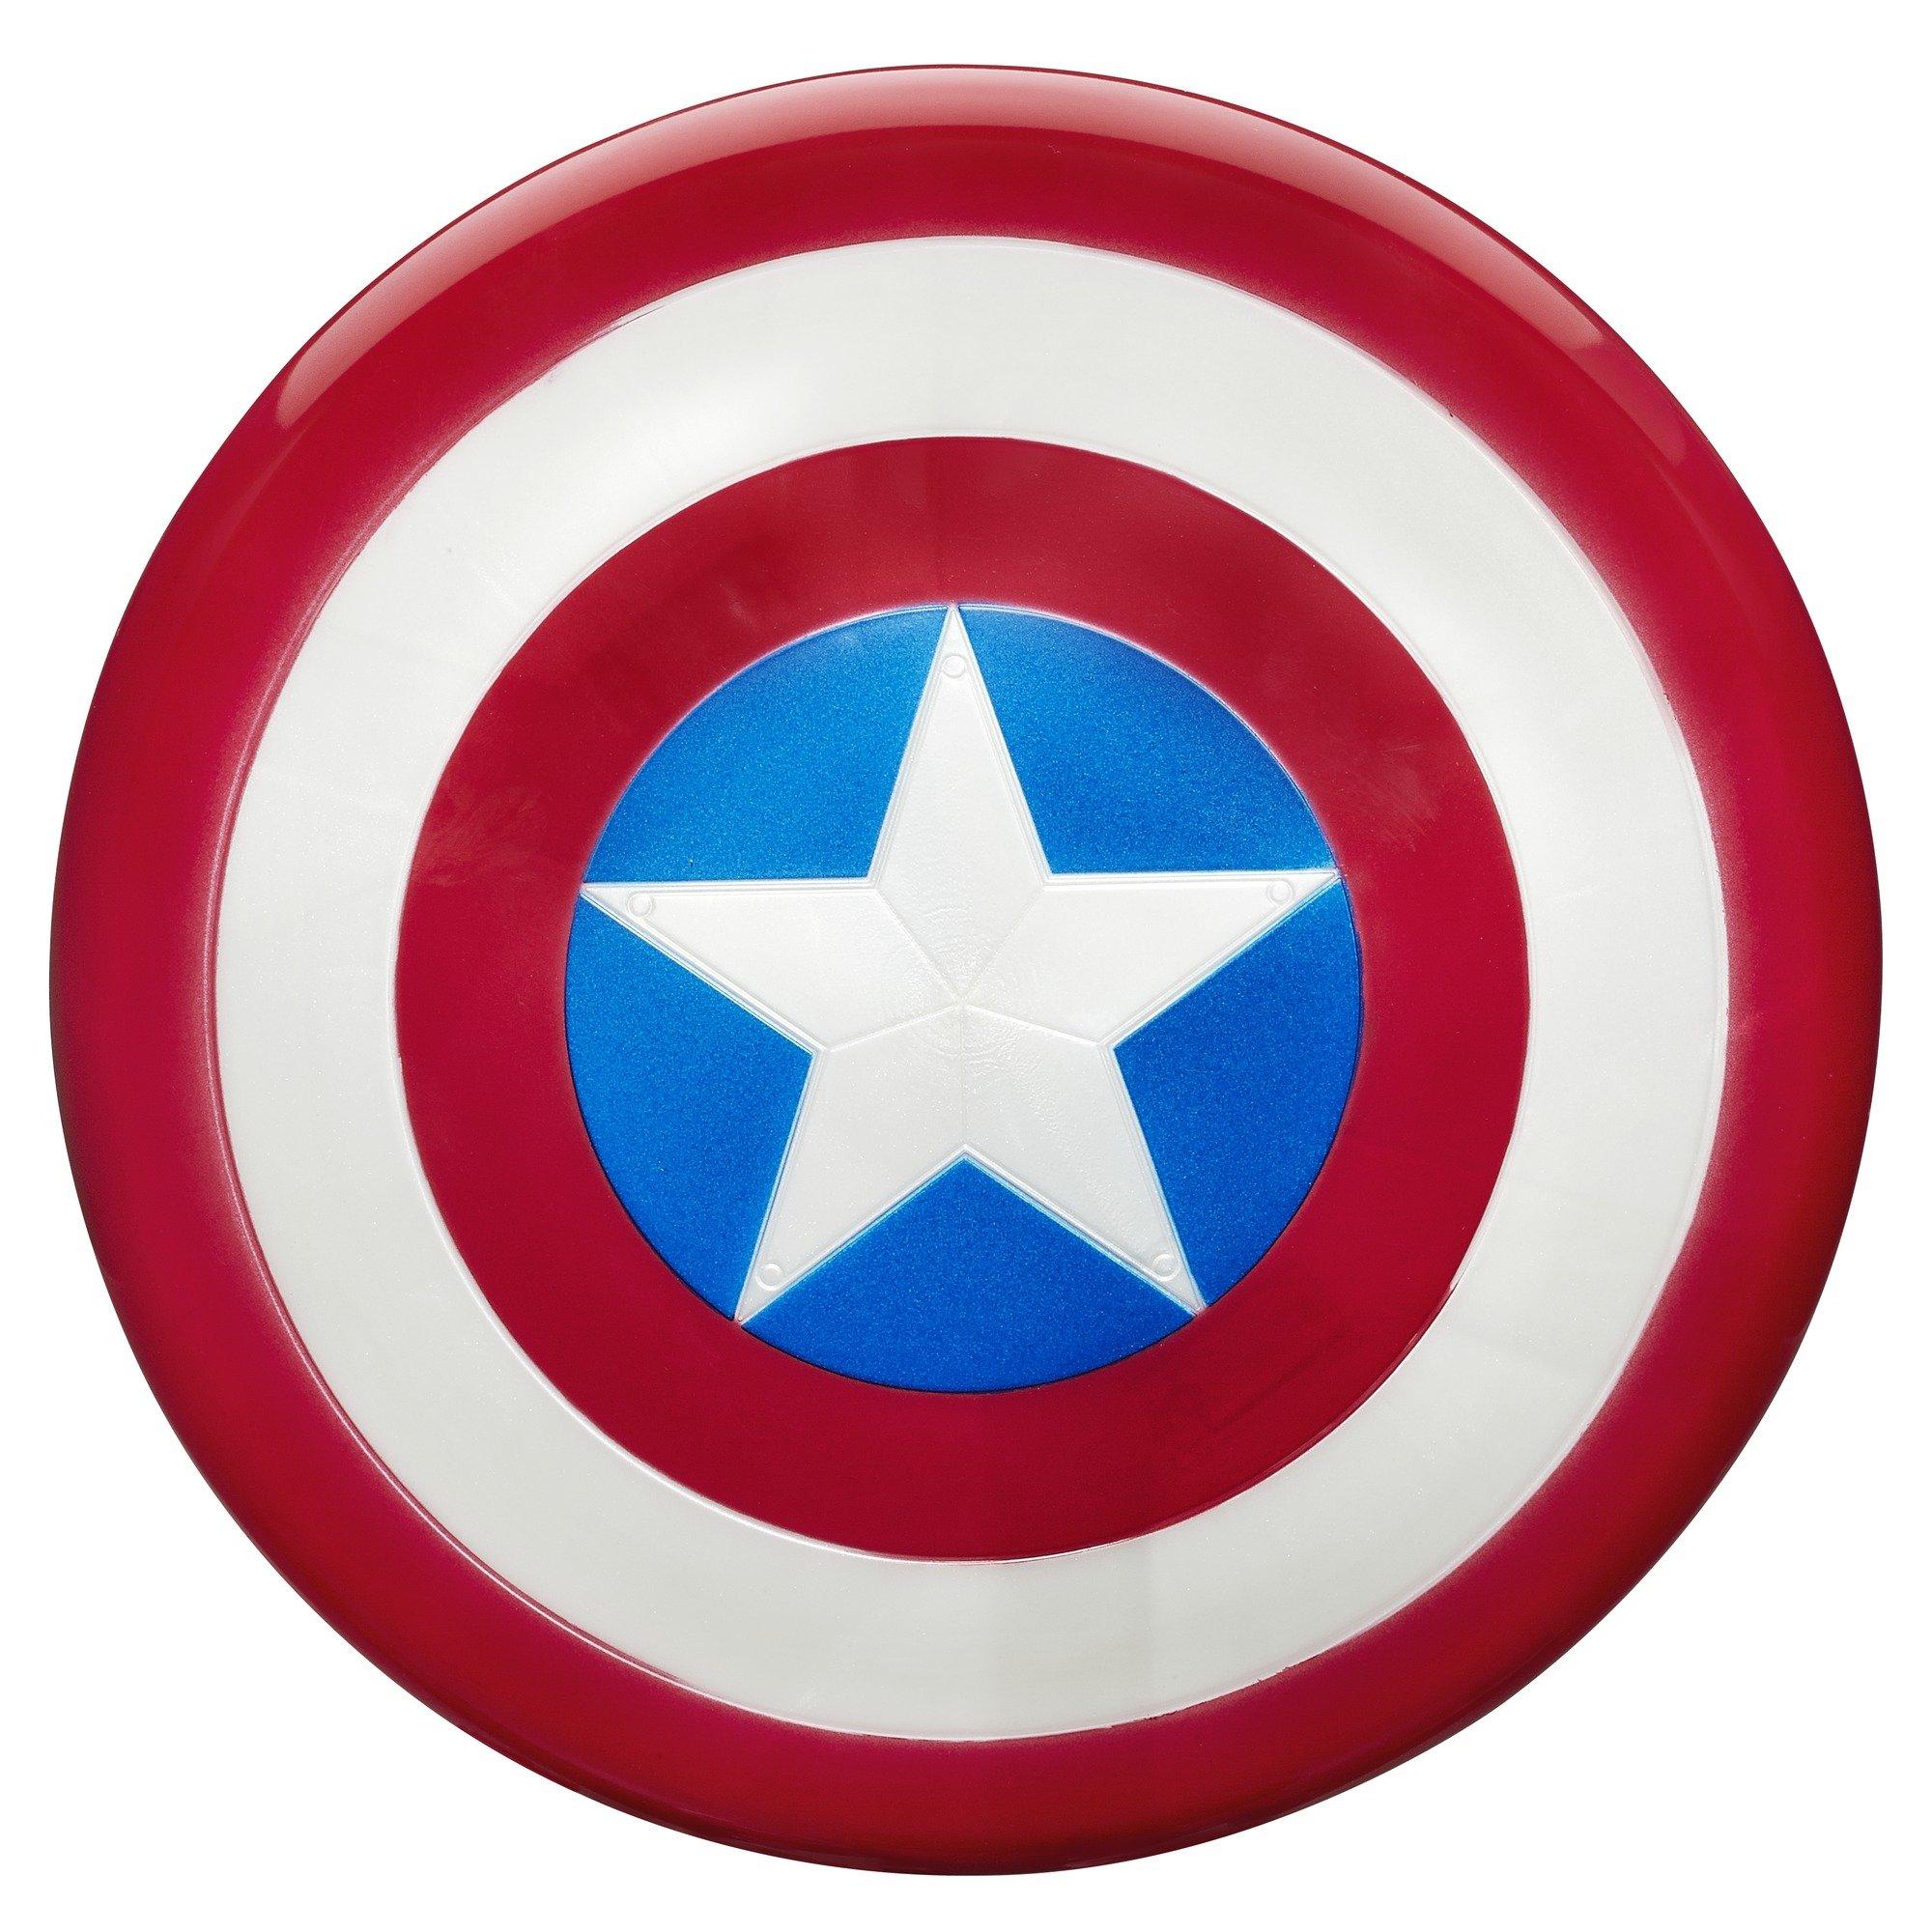 Marvel Avengers Captain America Flying Shield 4